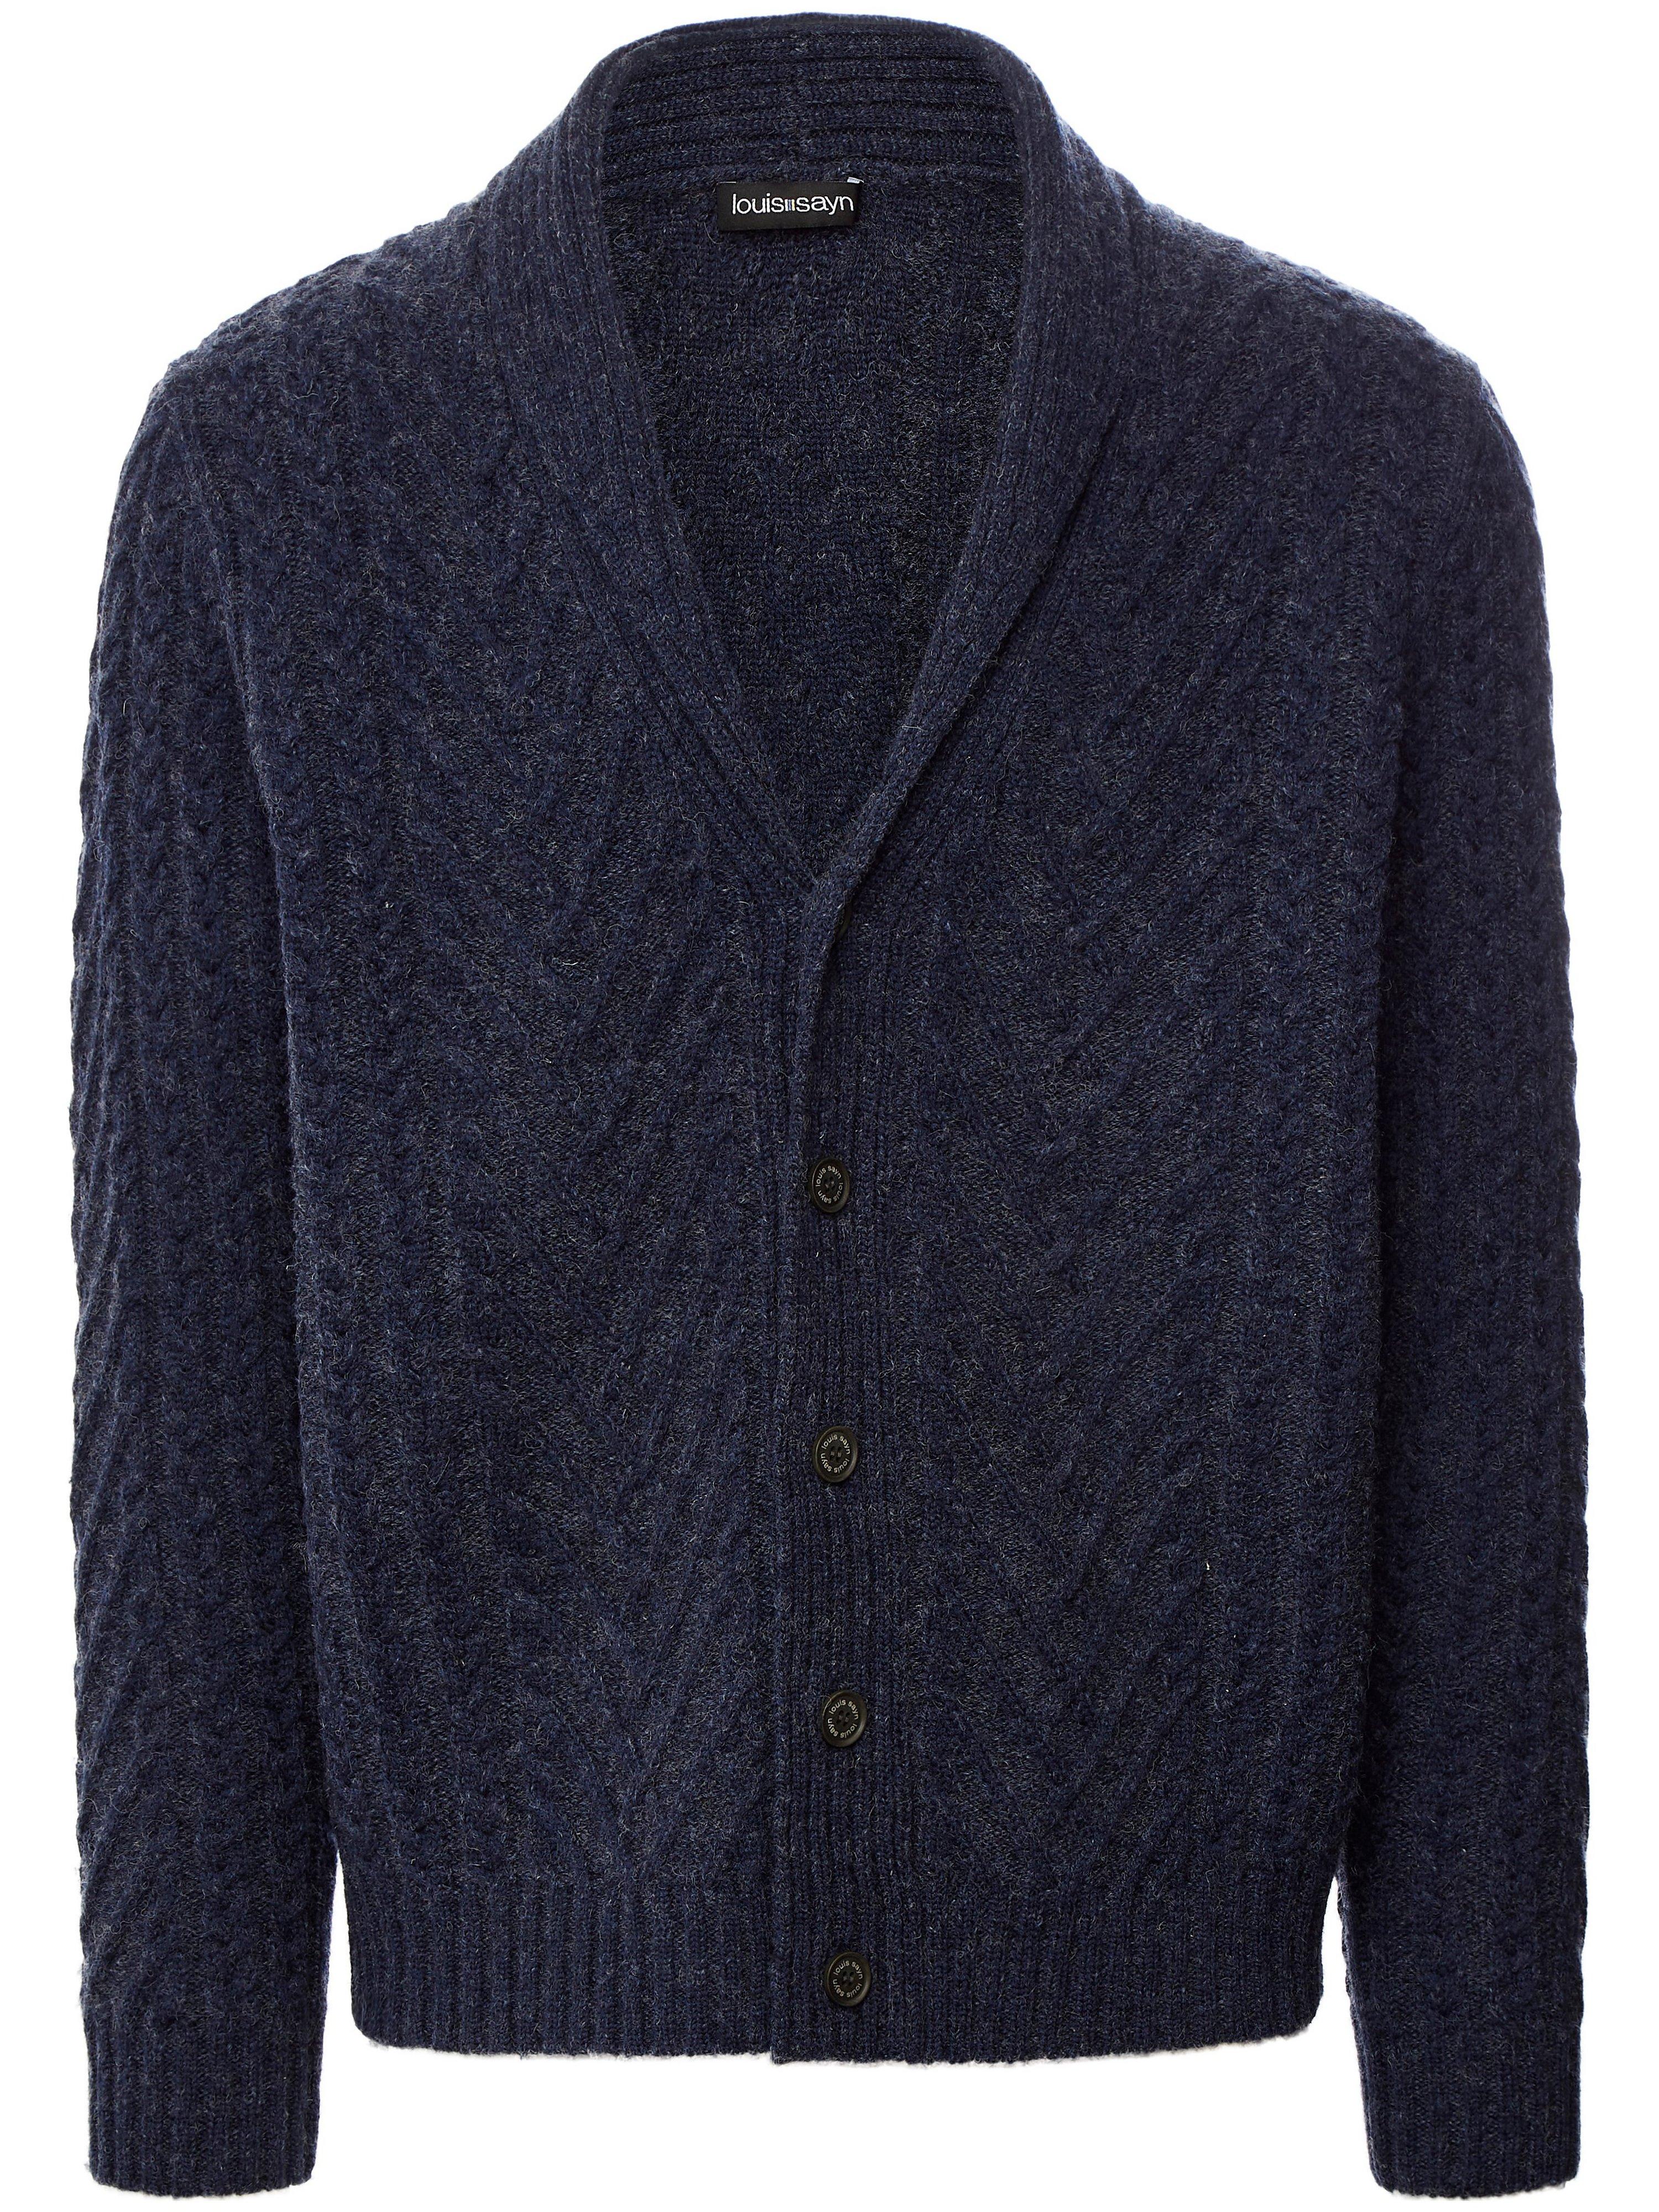 Vest 100% scheerwol Van Louis Sayn blauw